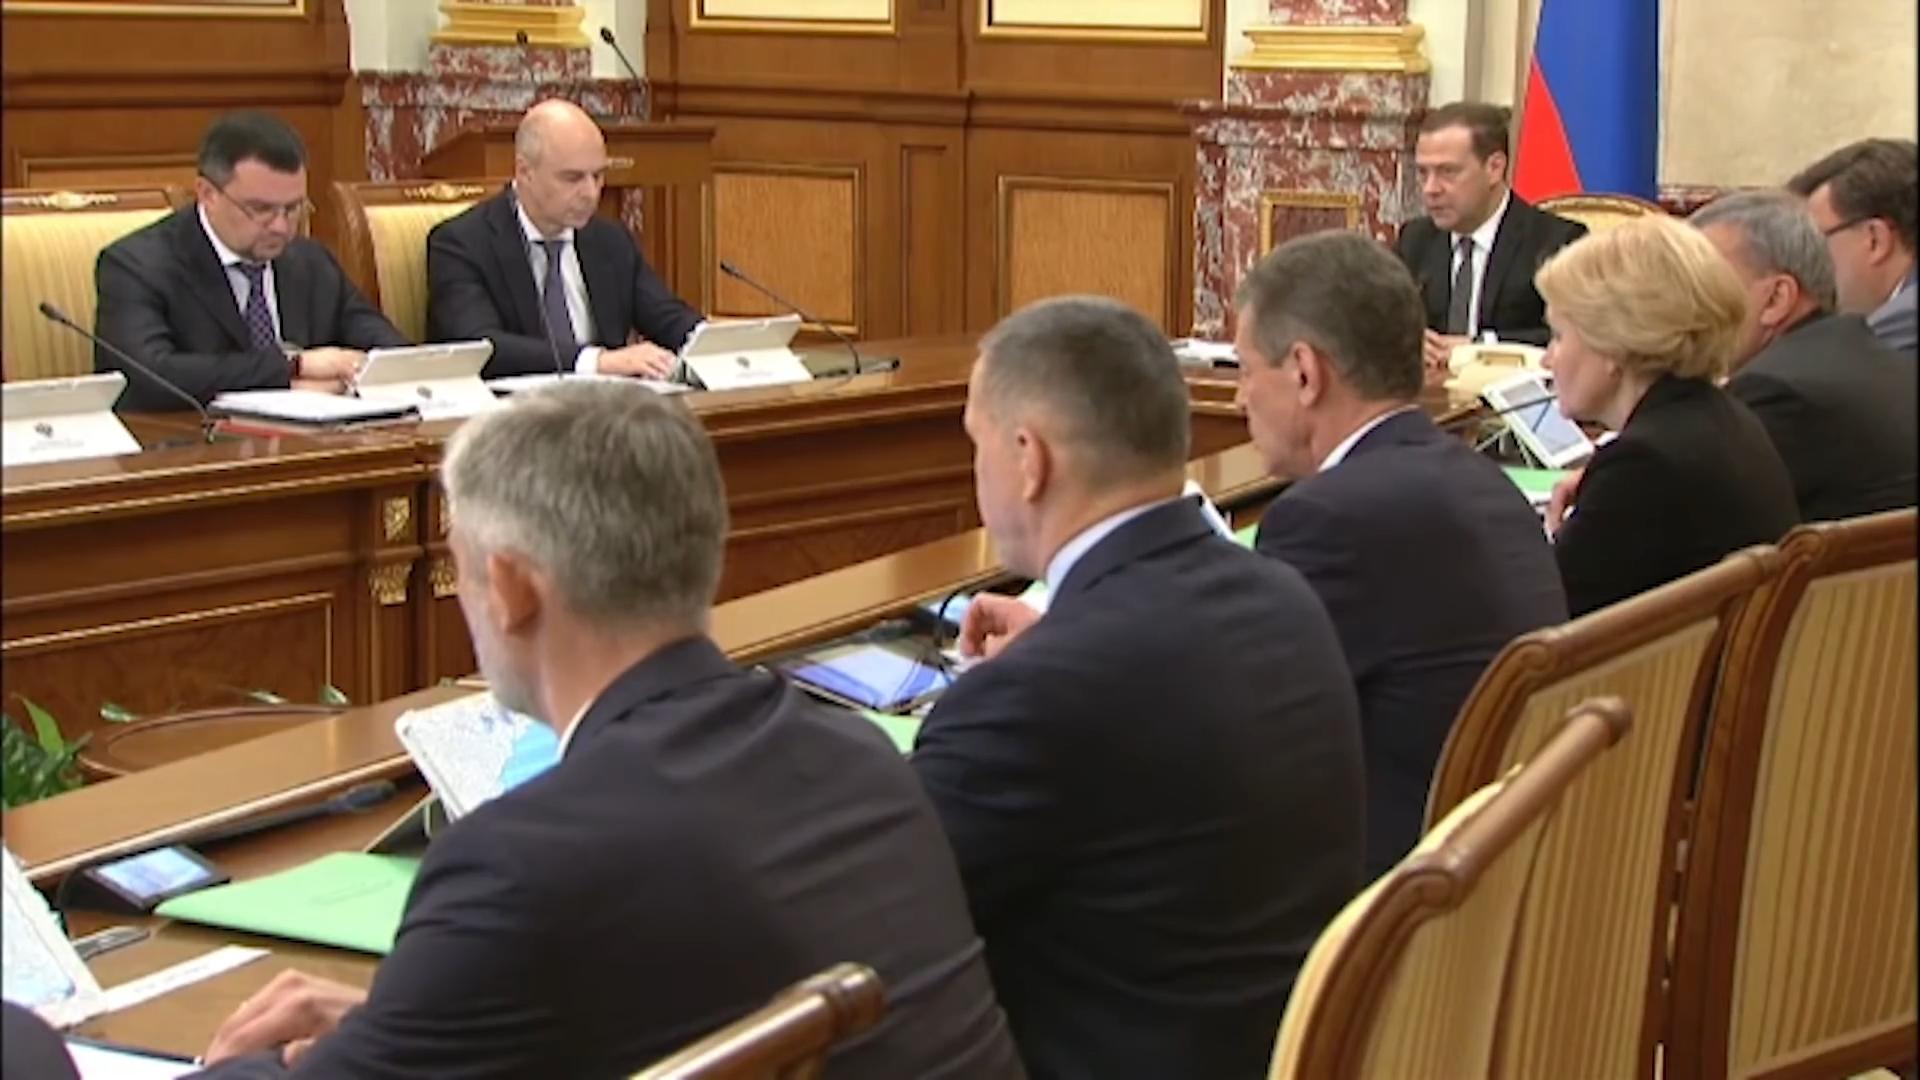 Путин экономически «отменил» пенсионную реформу. Незамеченная революция-01